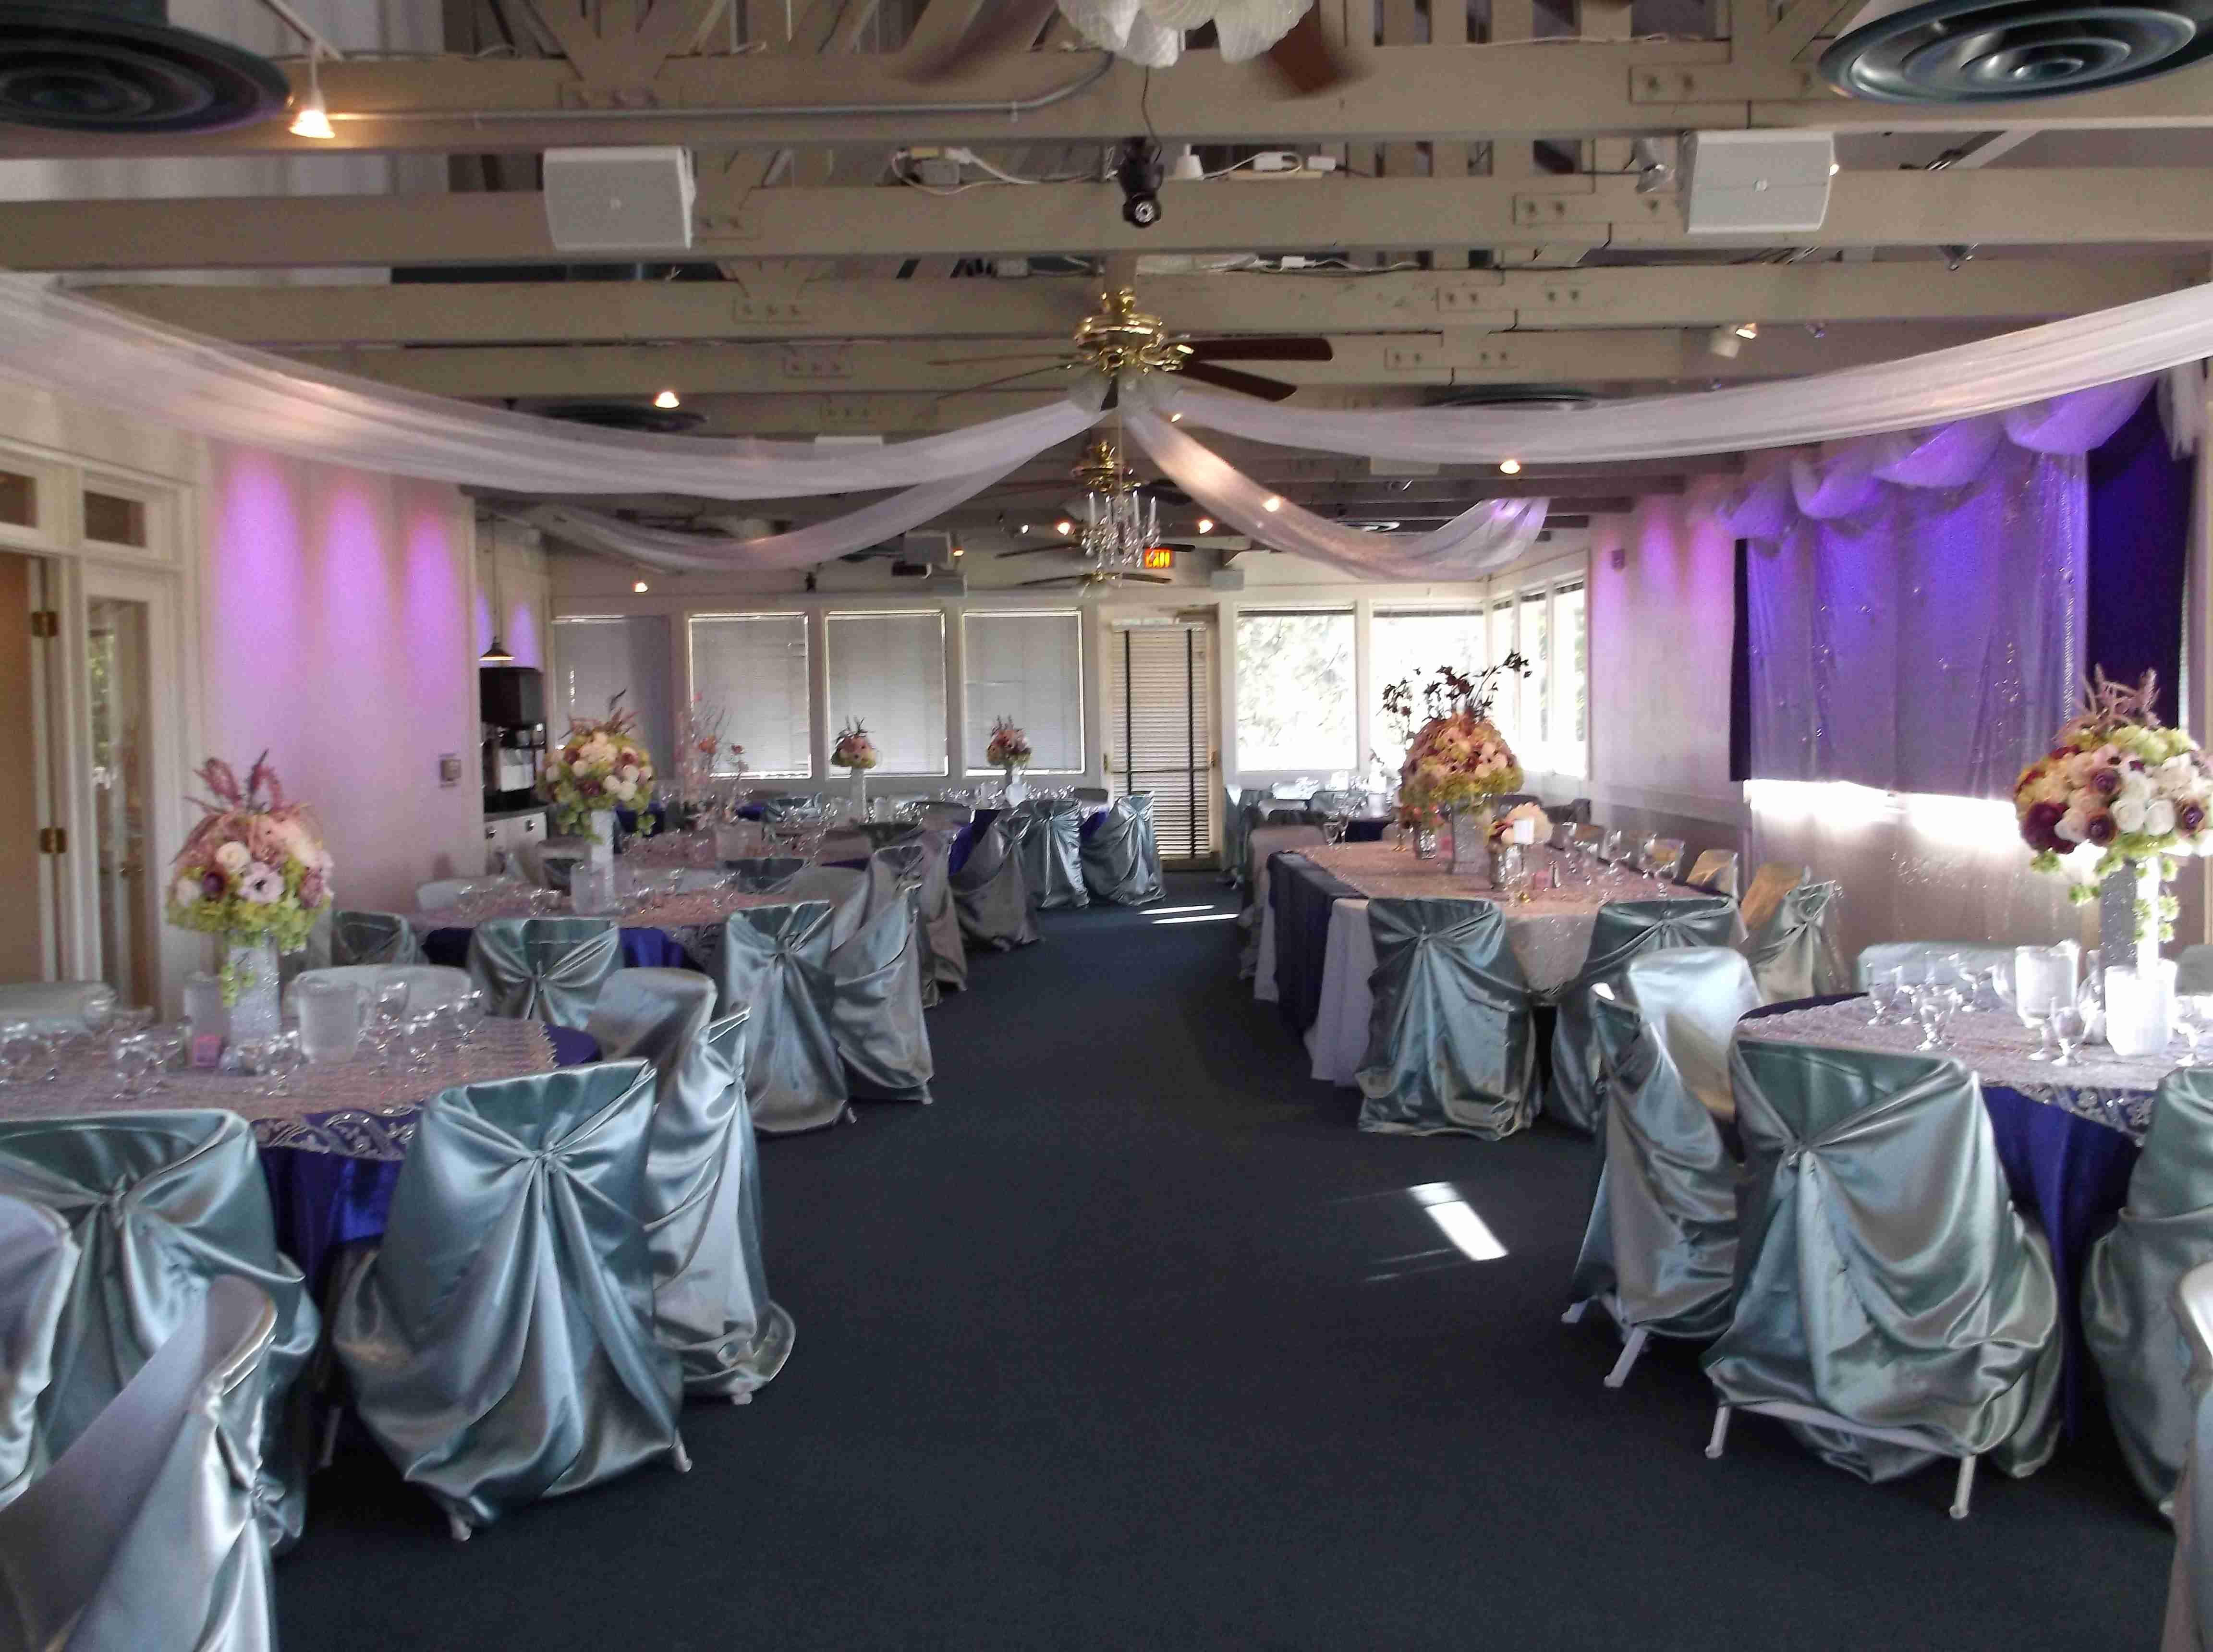 Chez Shari Banquet Facility image 57